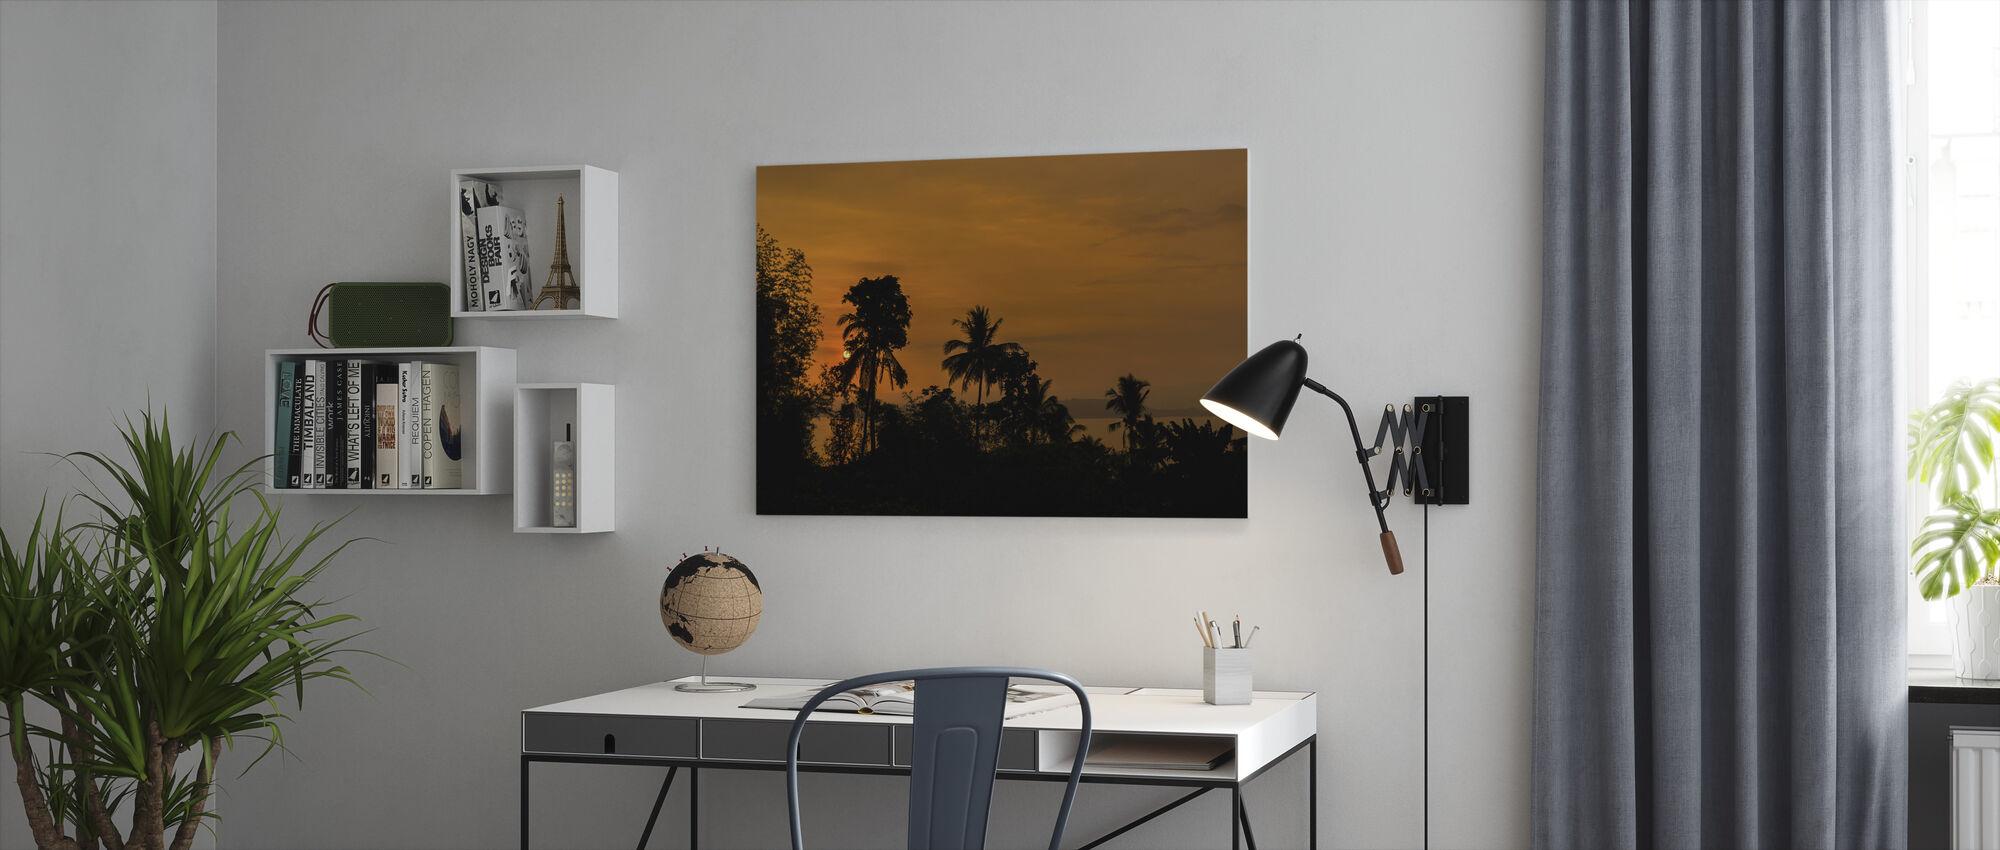 Silhouette Sundown - Canvastaulu - Toimisto